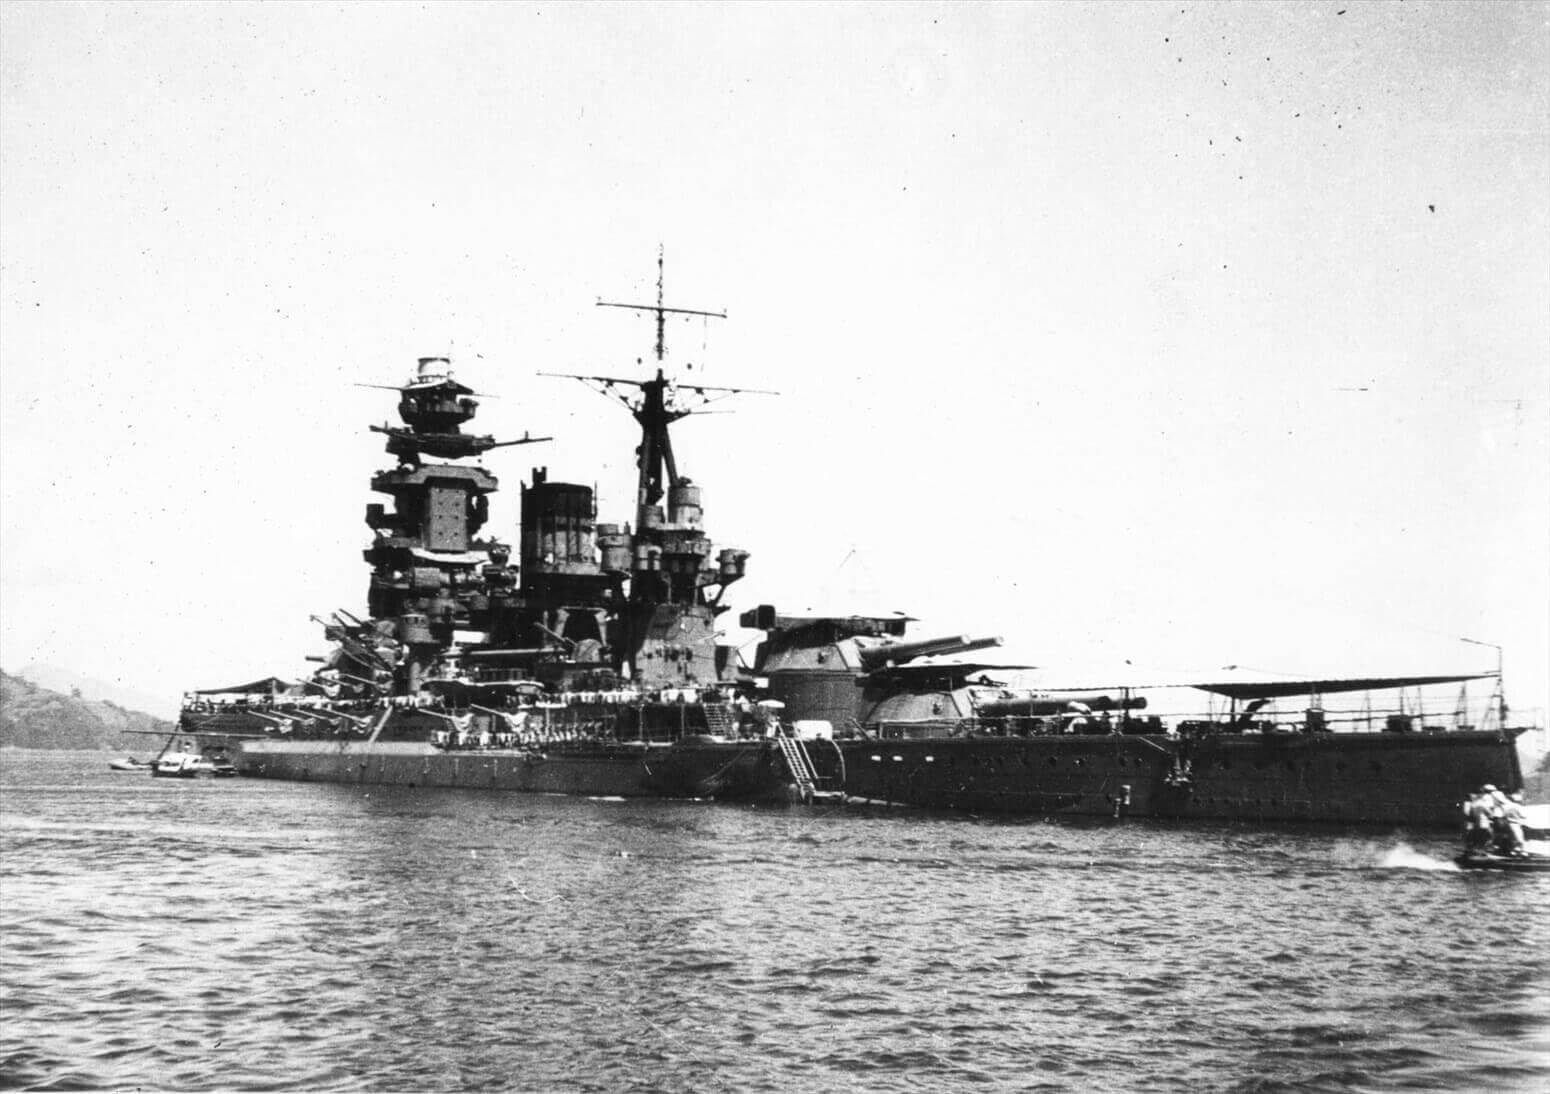 大日本帝国海軍 記録写真<br>[長門型戦艦]